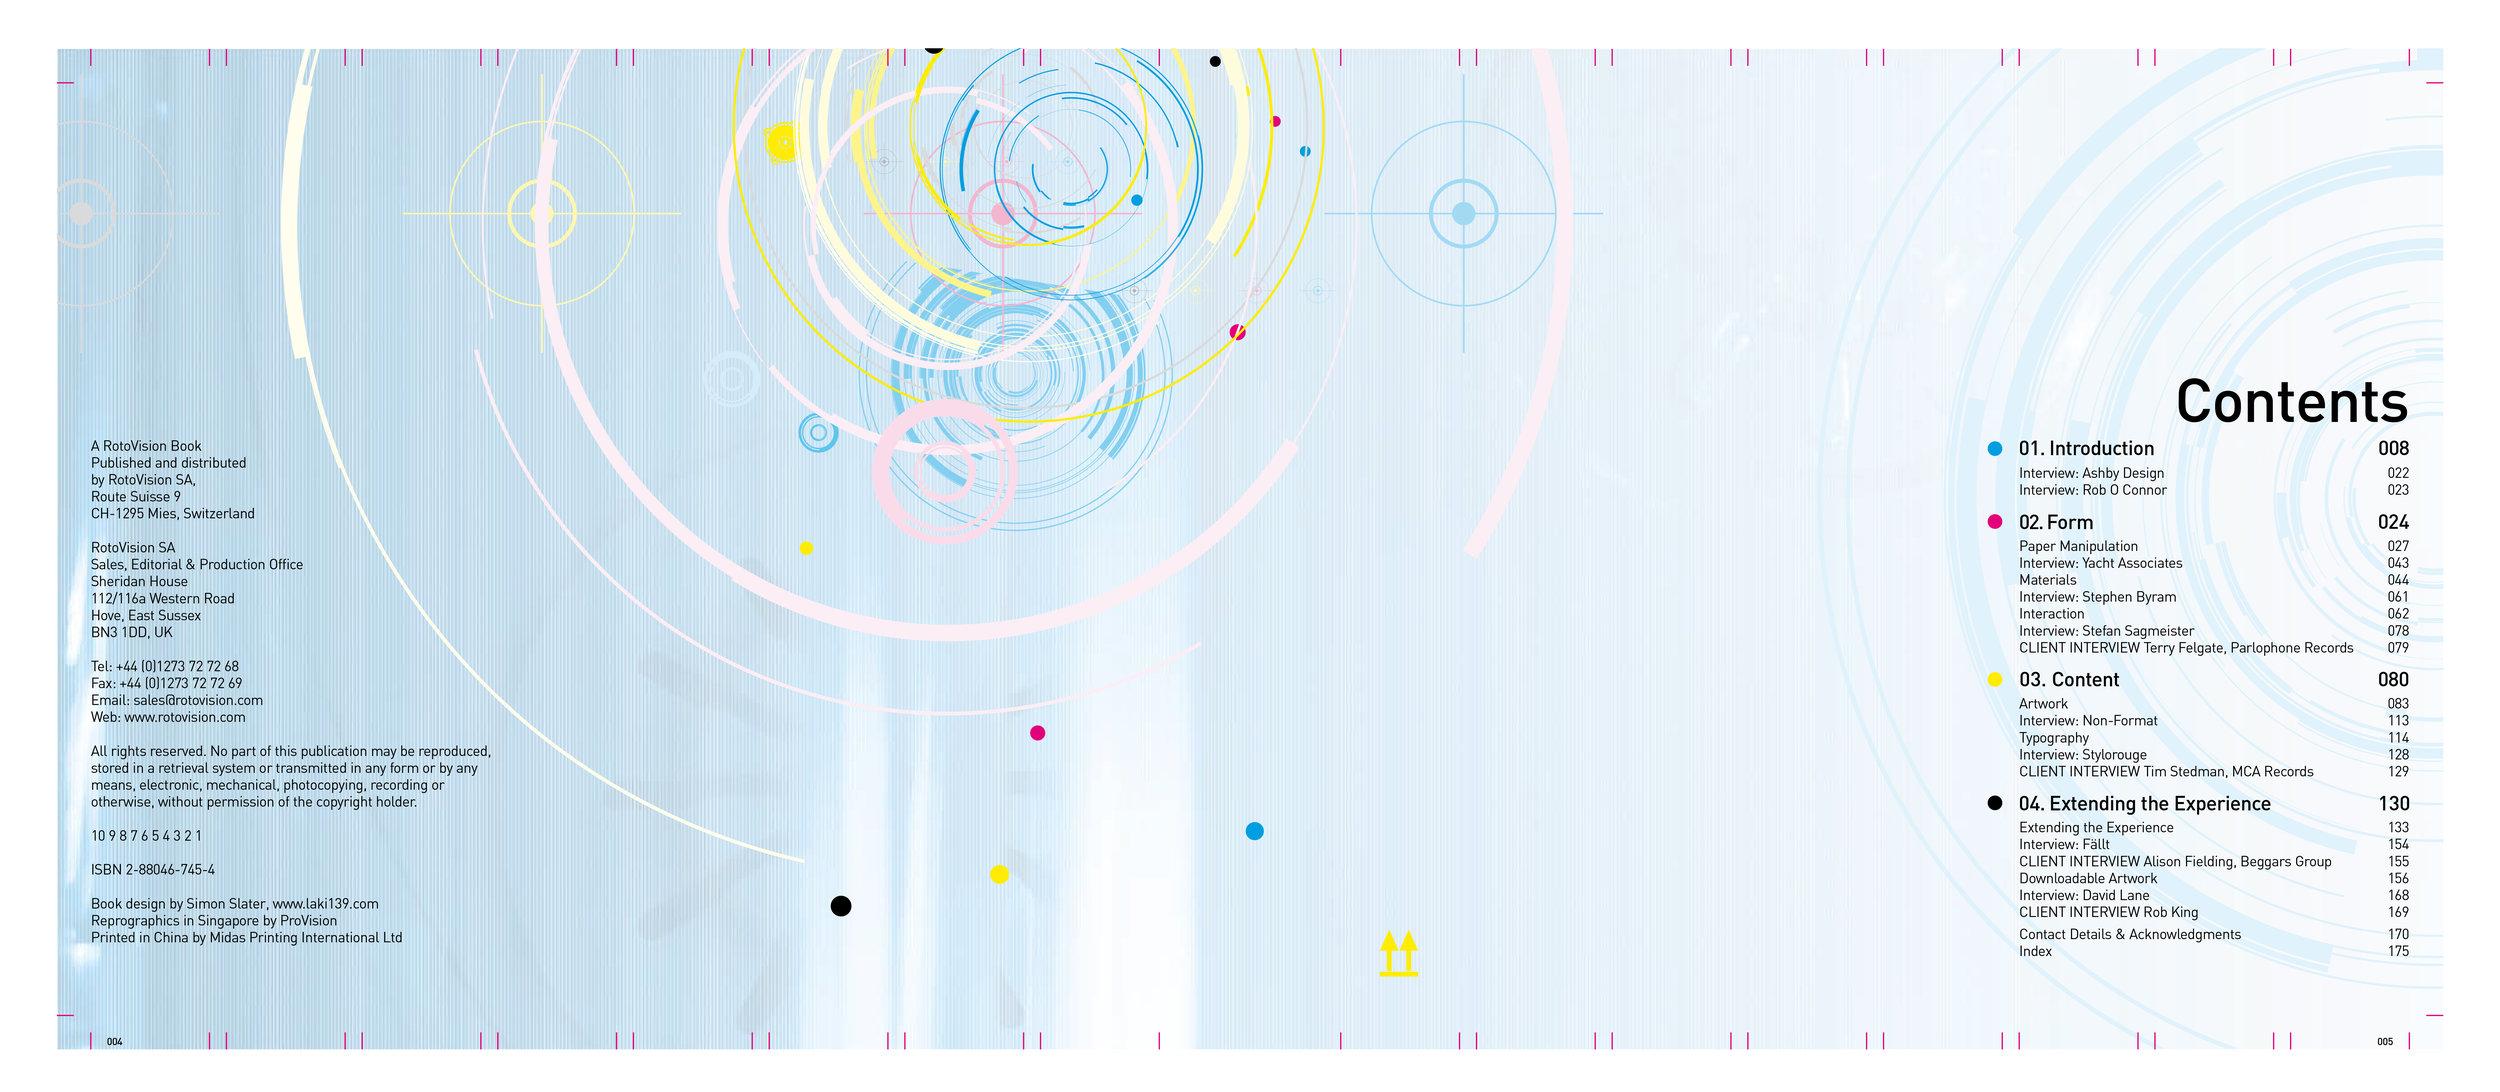 2060x900_slides-04.jpg